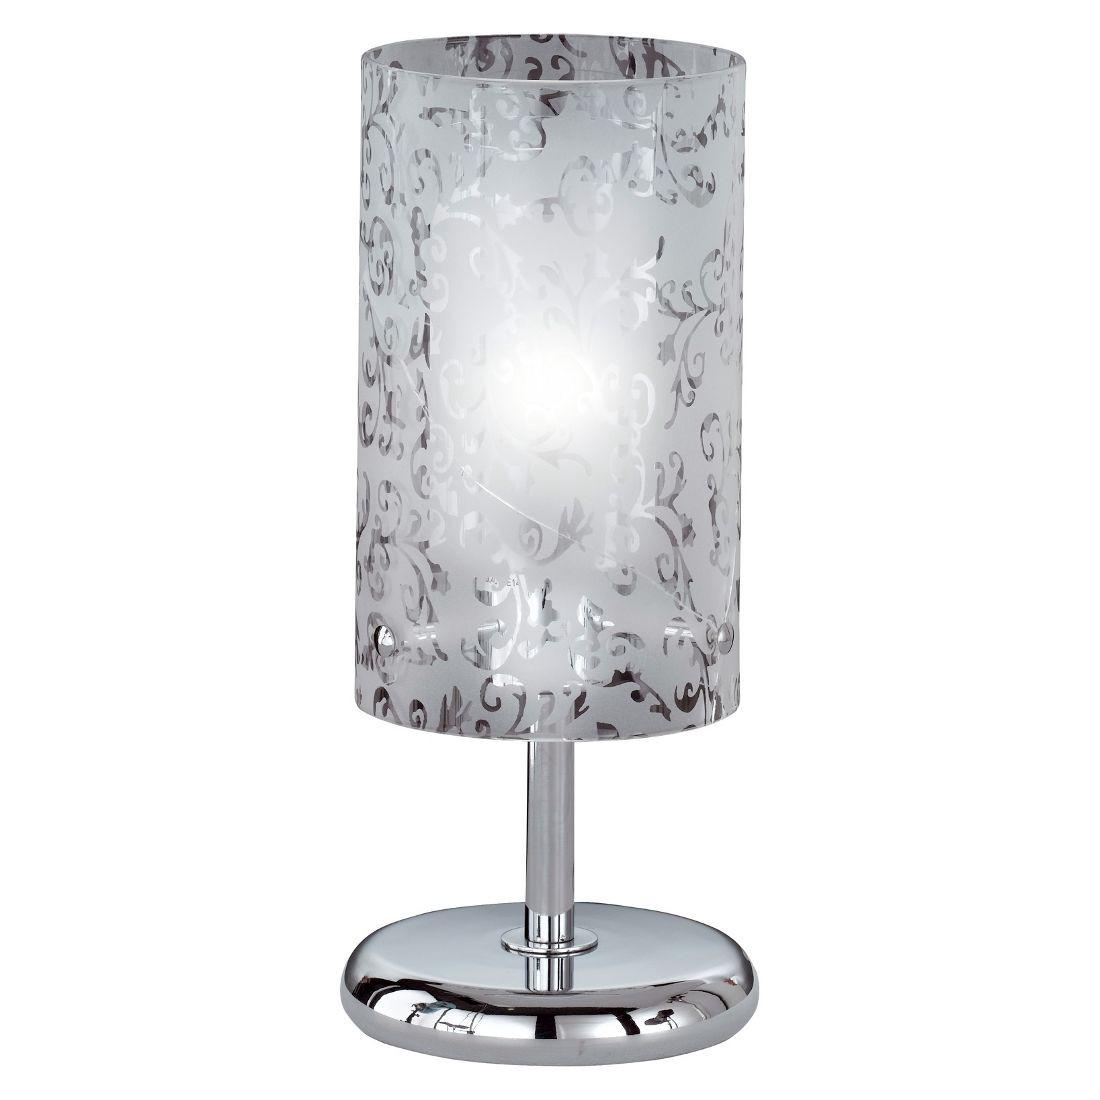 Tischleuchte Imara ● 1-flammig ● Glas mit Verzierungen/Metall ● weiß/chrom- Paul Neuhaus A++